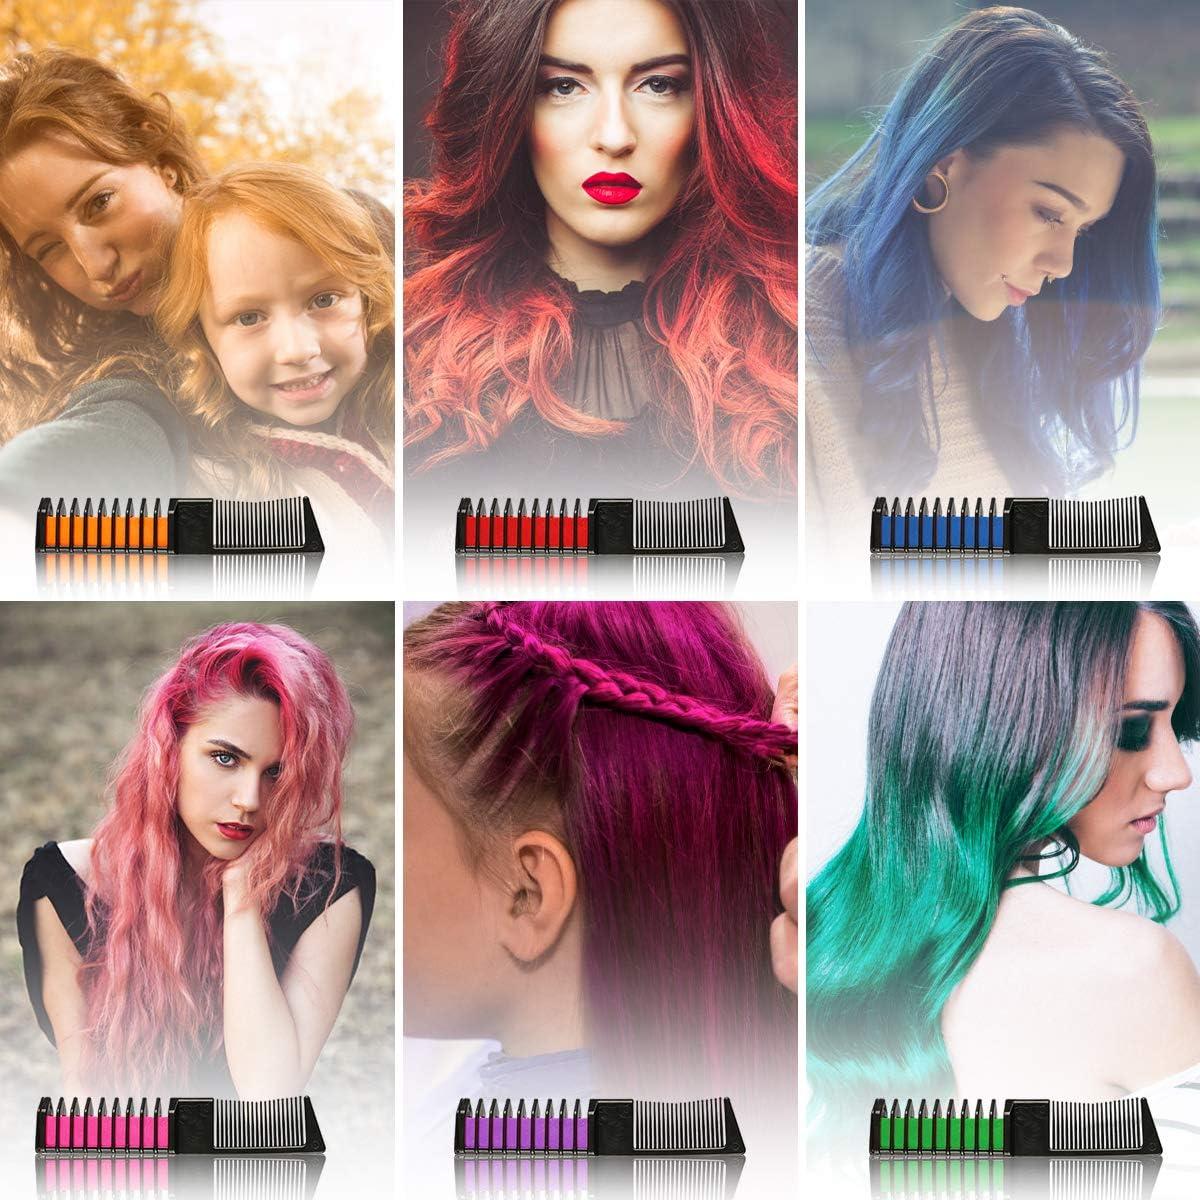 Tiza de Pelo, 6 Colores Temporal Peine Tiza de Pelo, Colores Brillantes & Fácil de Limpiar, Colores Hair Chalk para Niños Regalos Fiestas Cosplay DIY